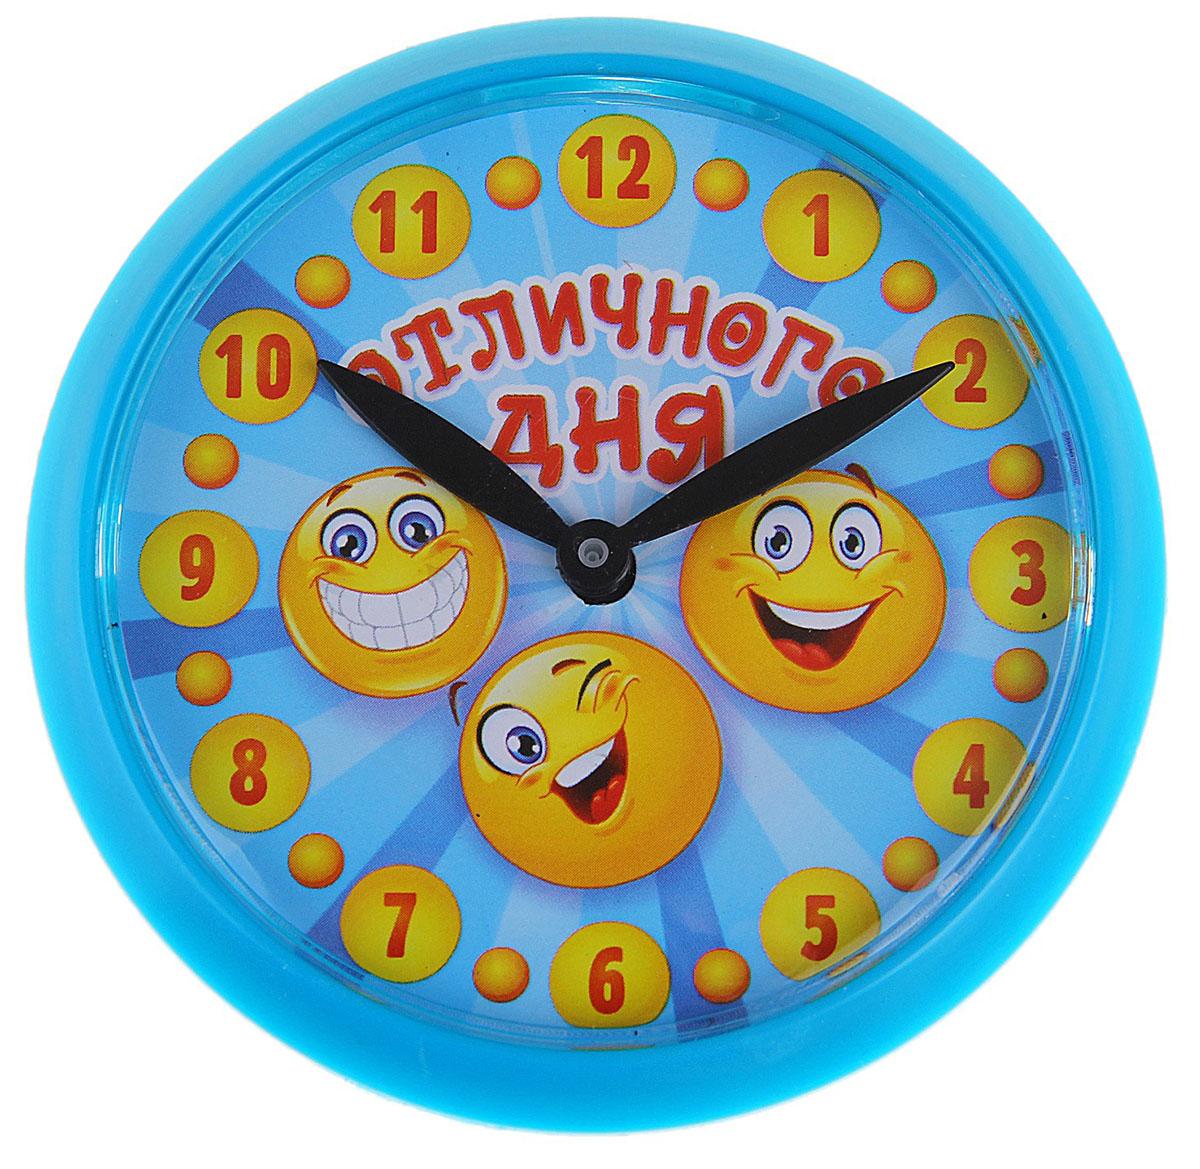 Часы-магнит настенные Отличного дня, диаметр 6,9 см740028Самый простой способ поднять себе и окружающим настроение ? это небольшое обновление интерьера, ставшего уже привычным. Часы-магнит Отличного дня, красочные и оригинальные, заставят улыбнуться людей всех возрастов. Часы крепятся на любую металлическую поверхность, например, на холодильник. Диаметр циферблата 6,9 см.Часы-магнит Отличного дня, d6.9 см 740028